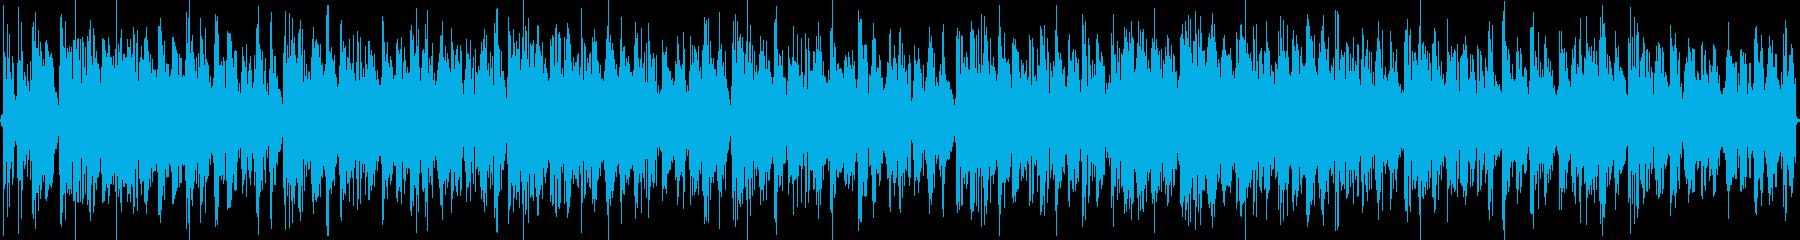 DJや店舗のBGMとして使えるような曲。の再生済みの波形